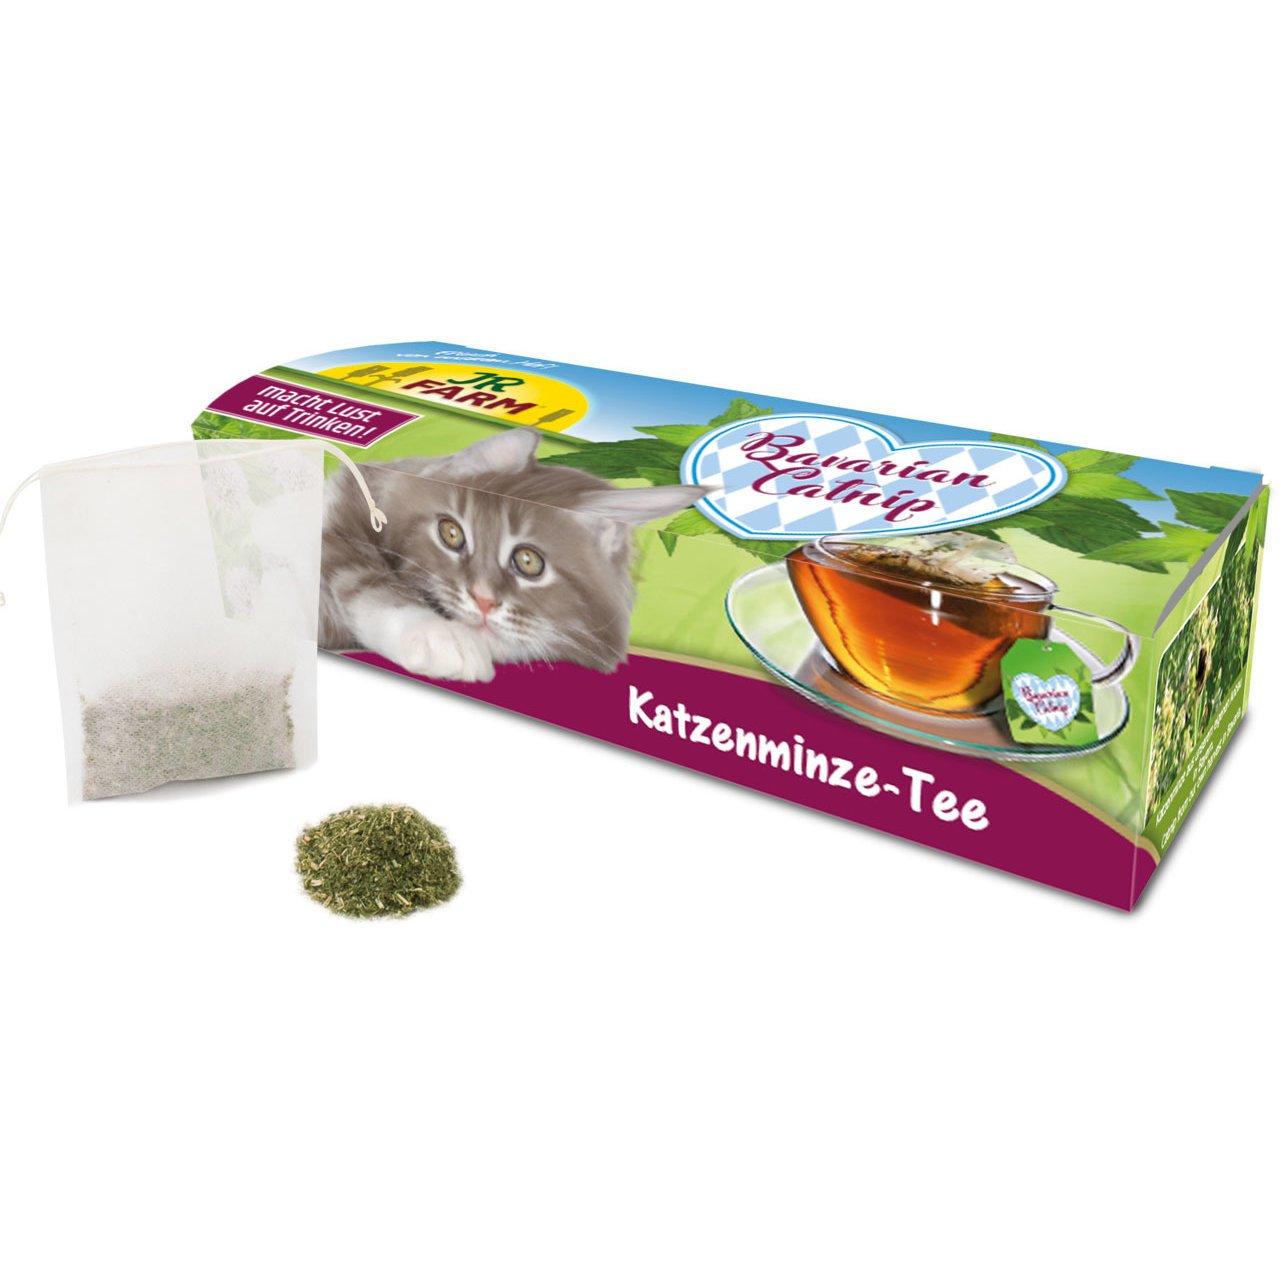 JR Farm Bavarian Catnip Katzenminze-Tee, 12g